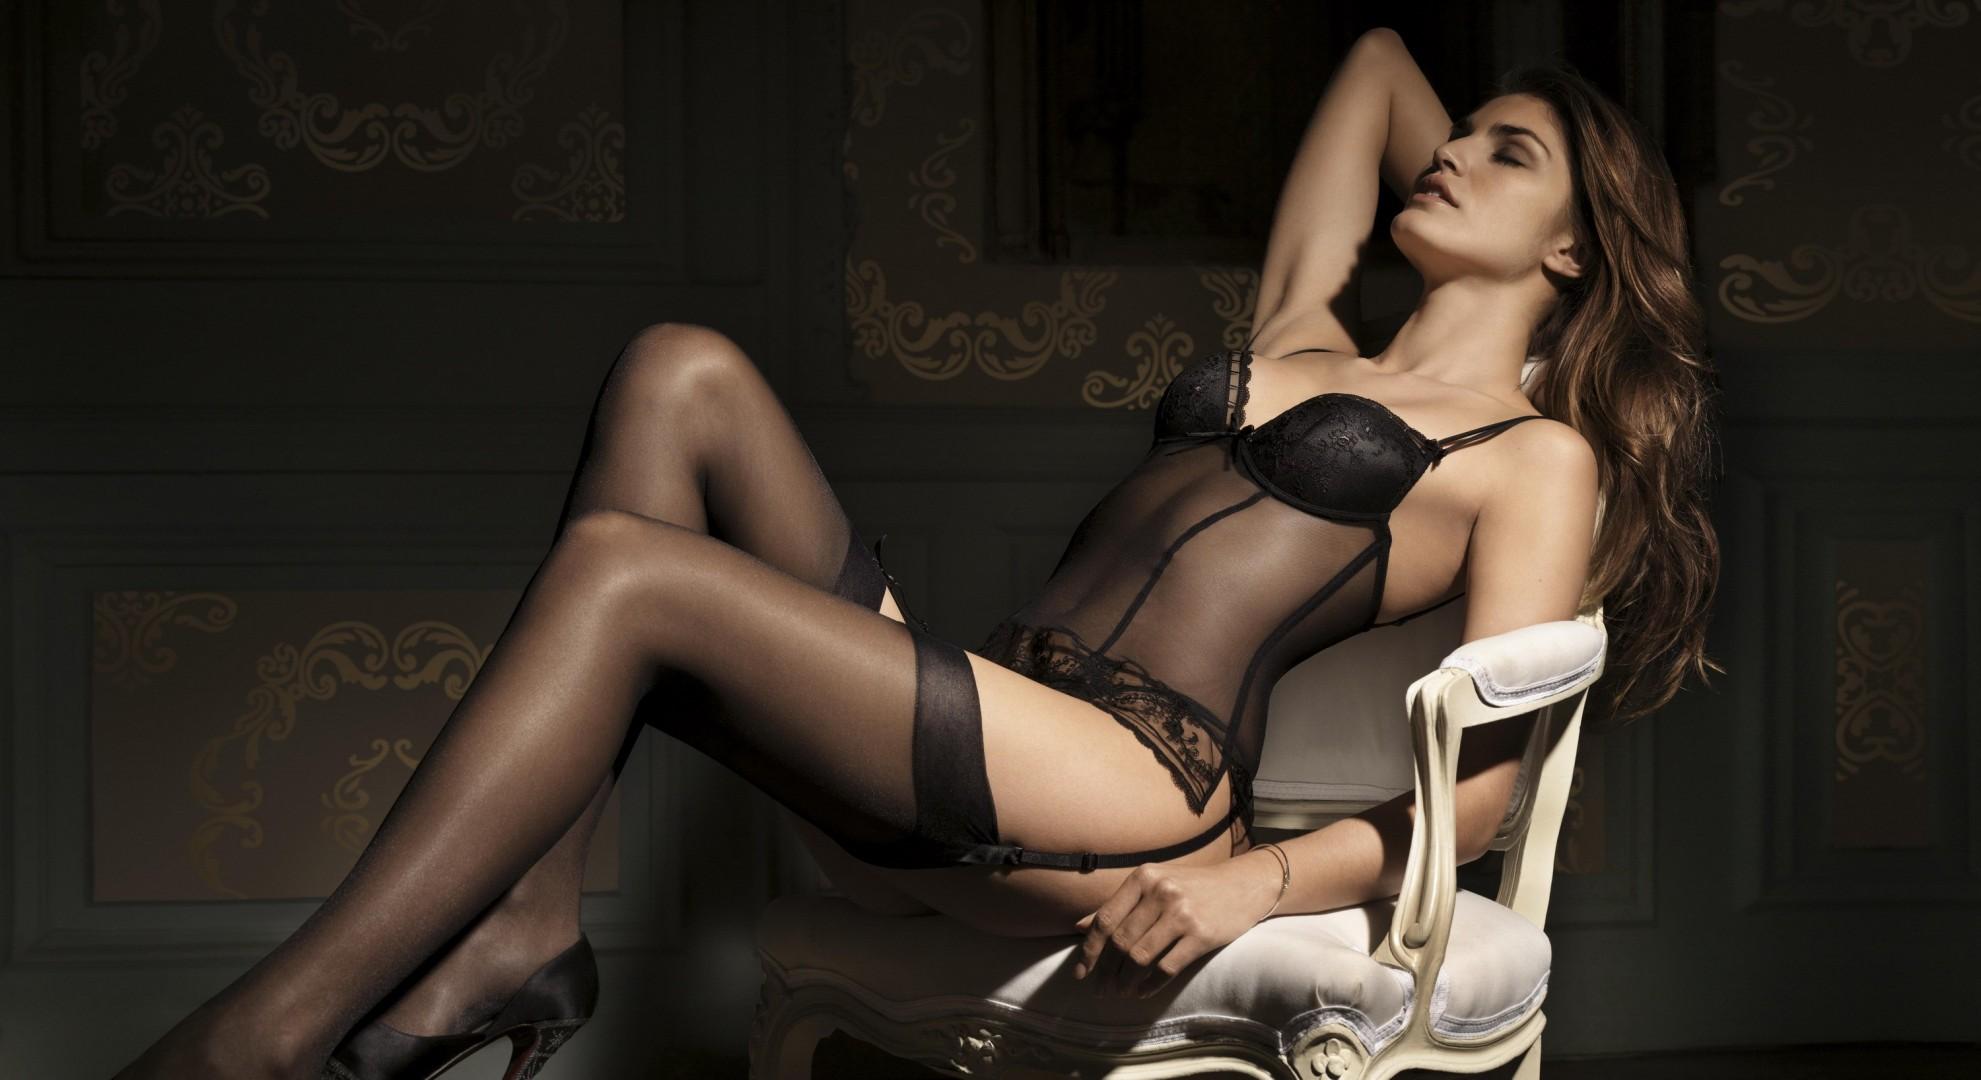 Фото в эротичном нижним белье, Голые девицы в прозрачном эро бельесекси фото 28 фотография